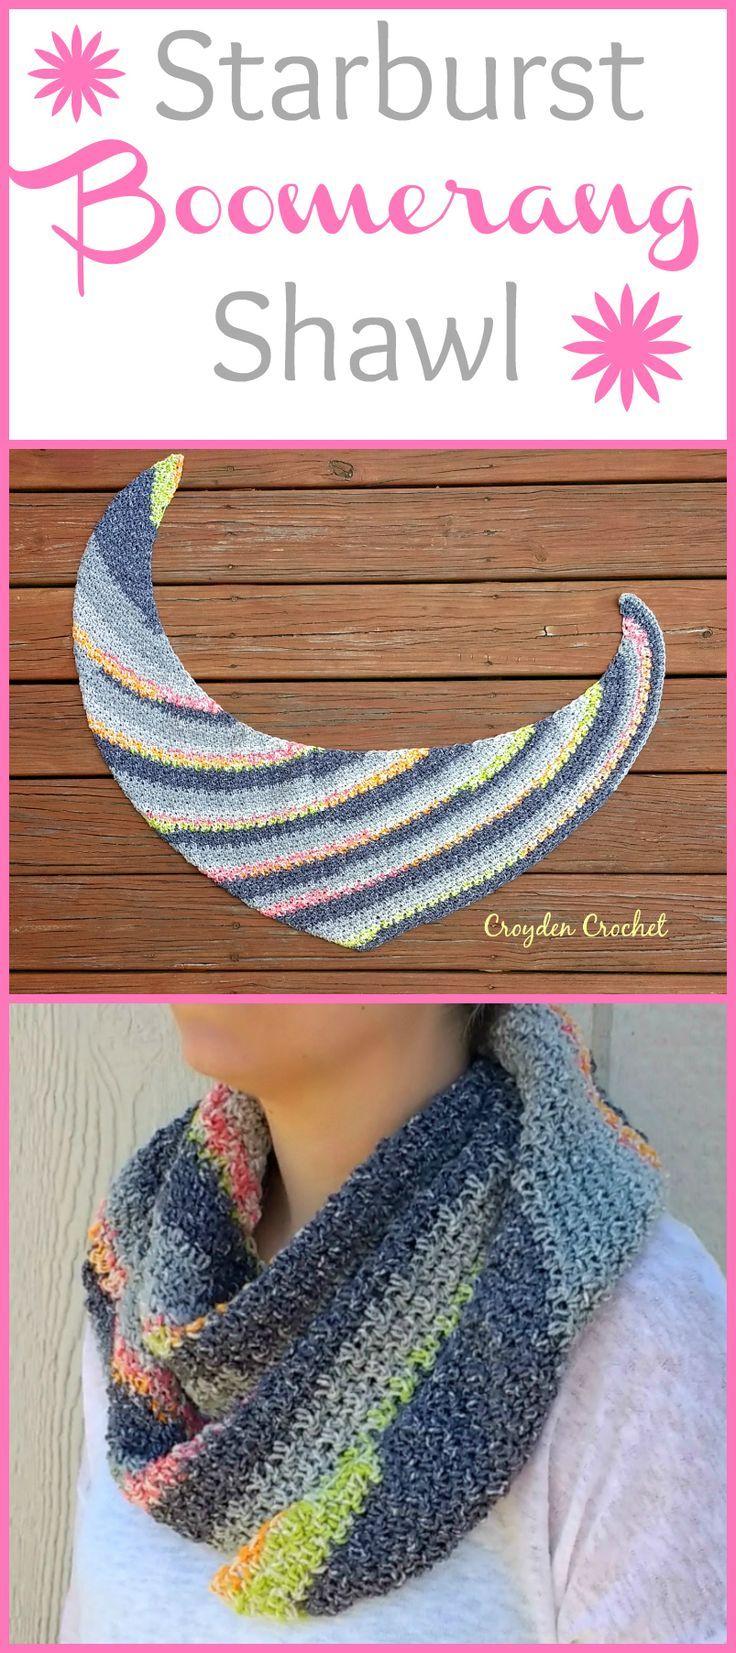 Crochet Starburst Boomerang Shawl | Tejido, Proyectos de ganchillo y ...